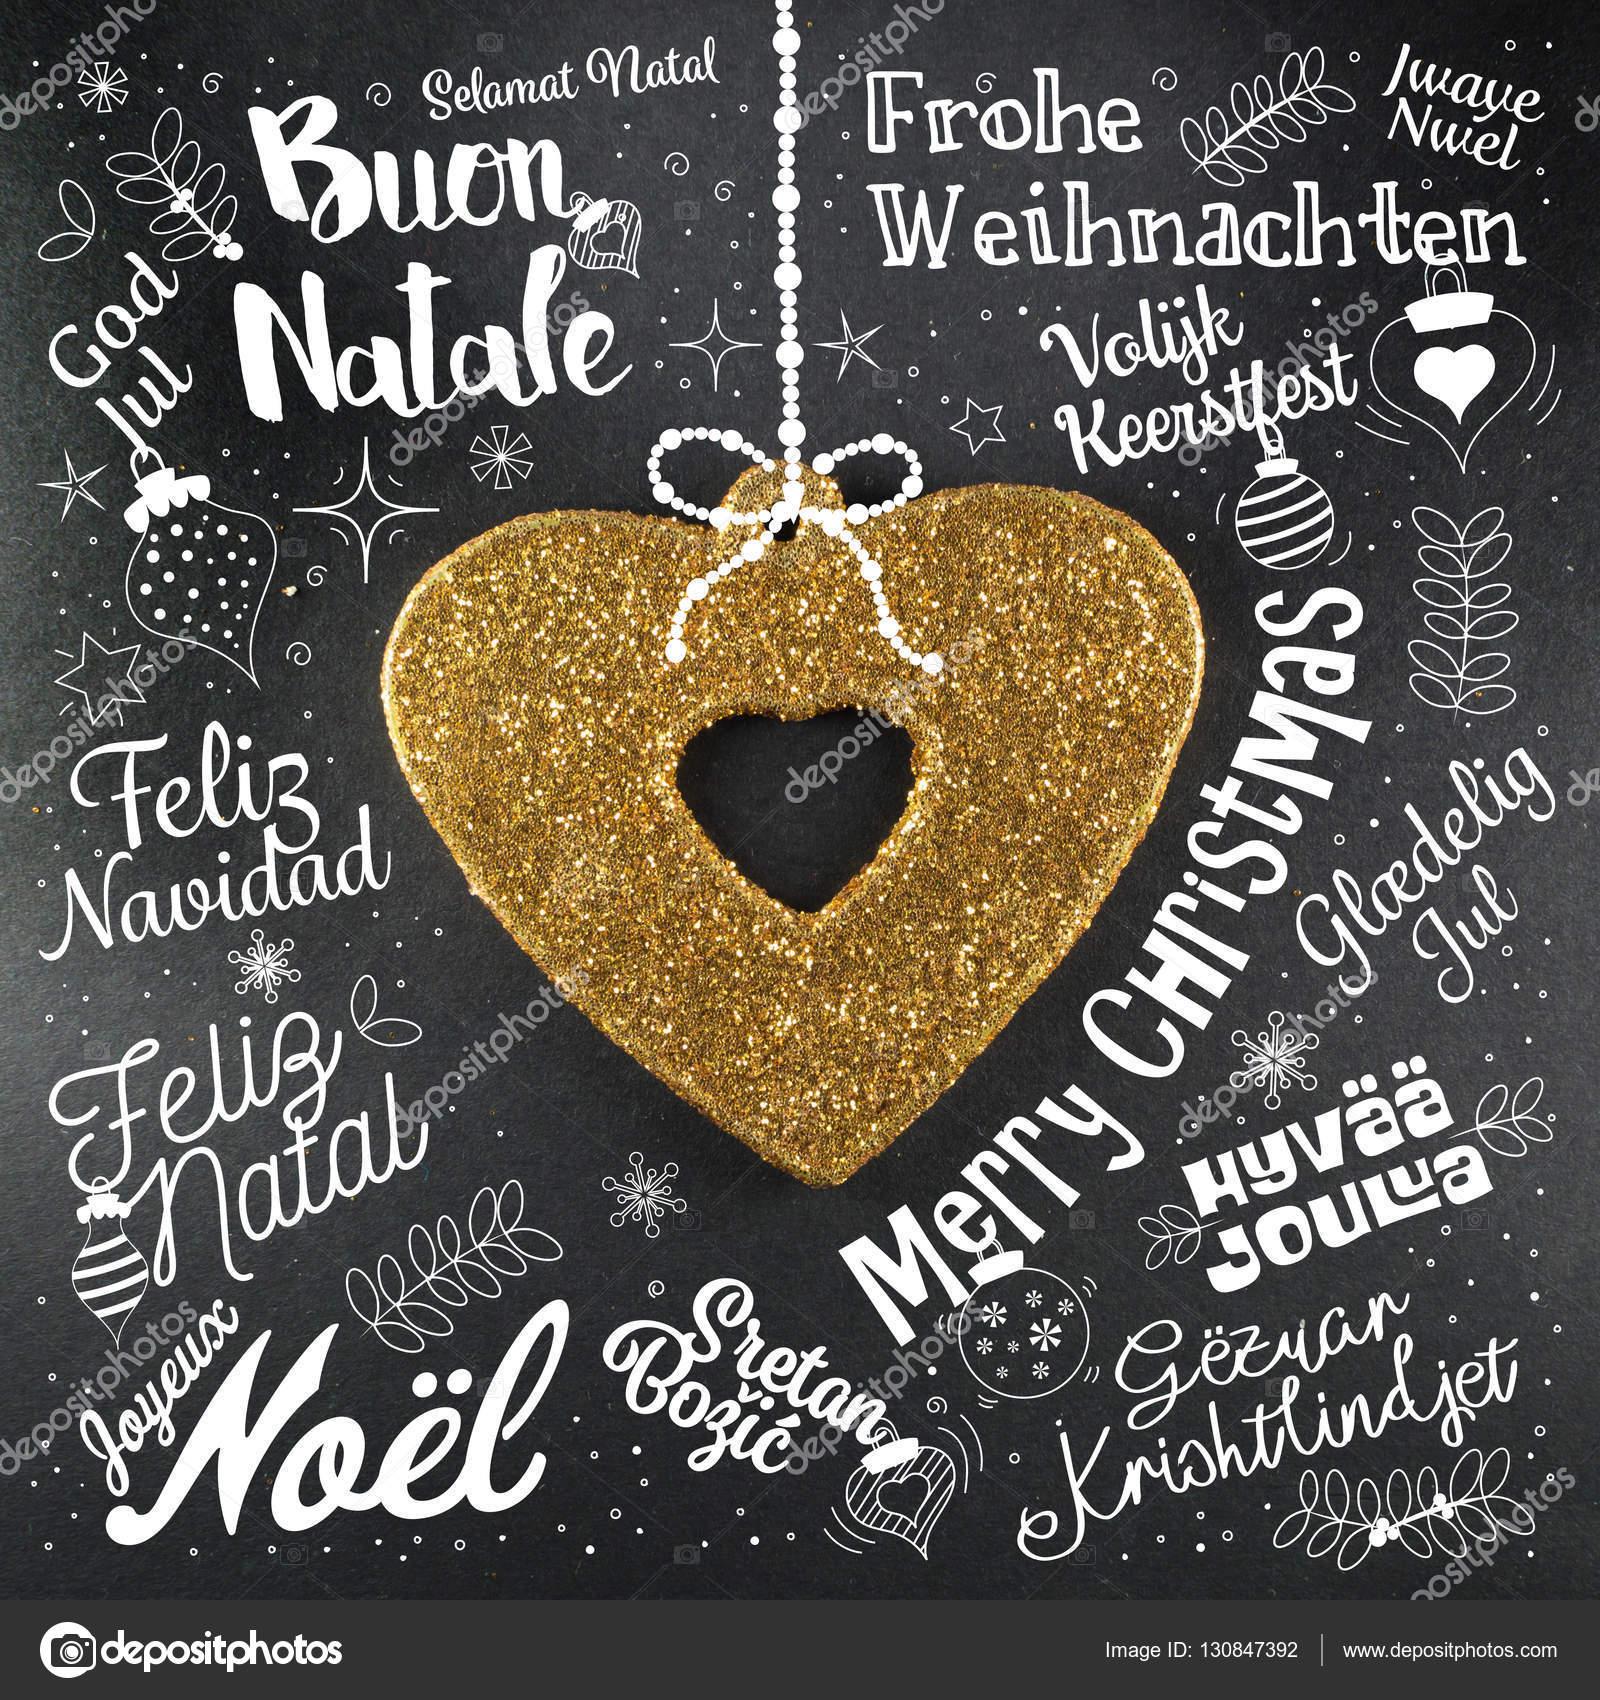 Frohe Weihnachten-Grußkarte aus Welt in verschiedenen Sprachen ...